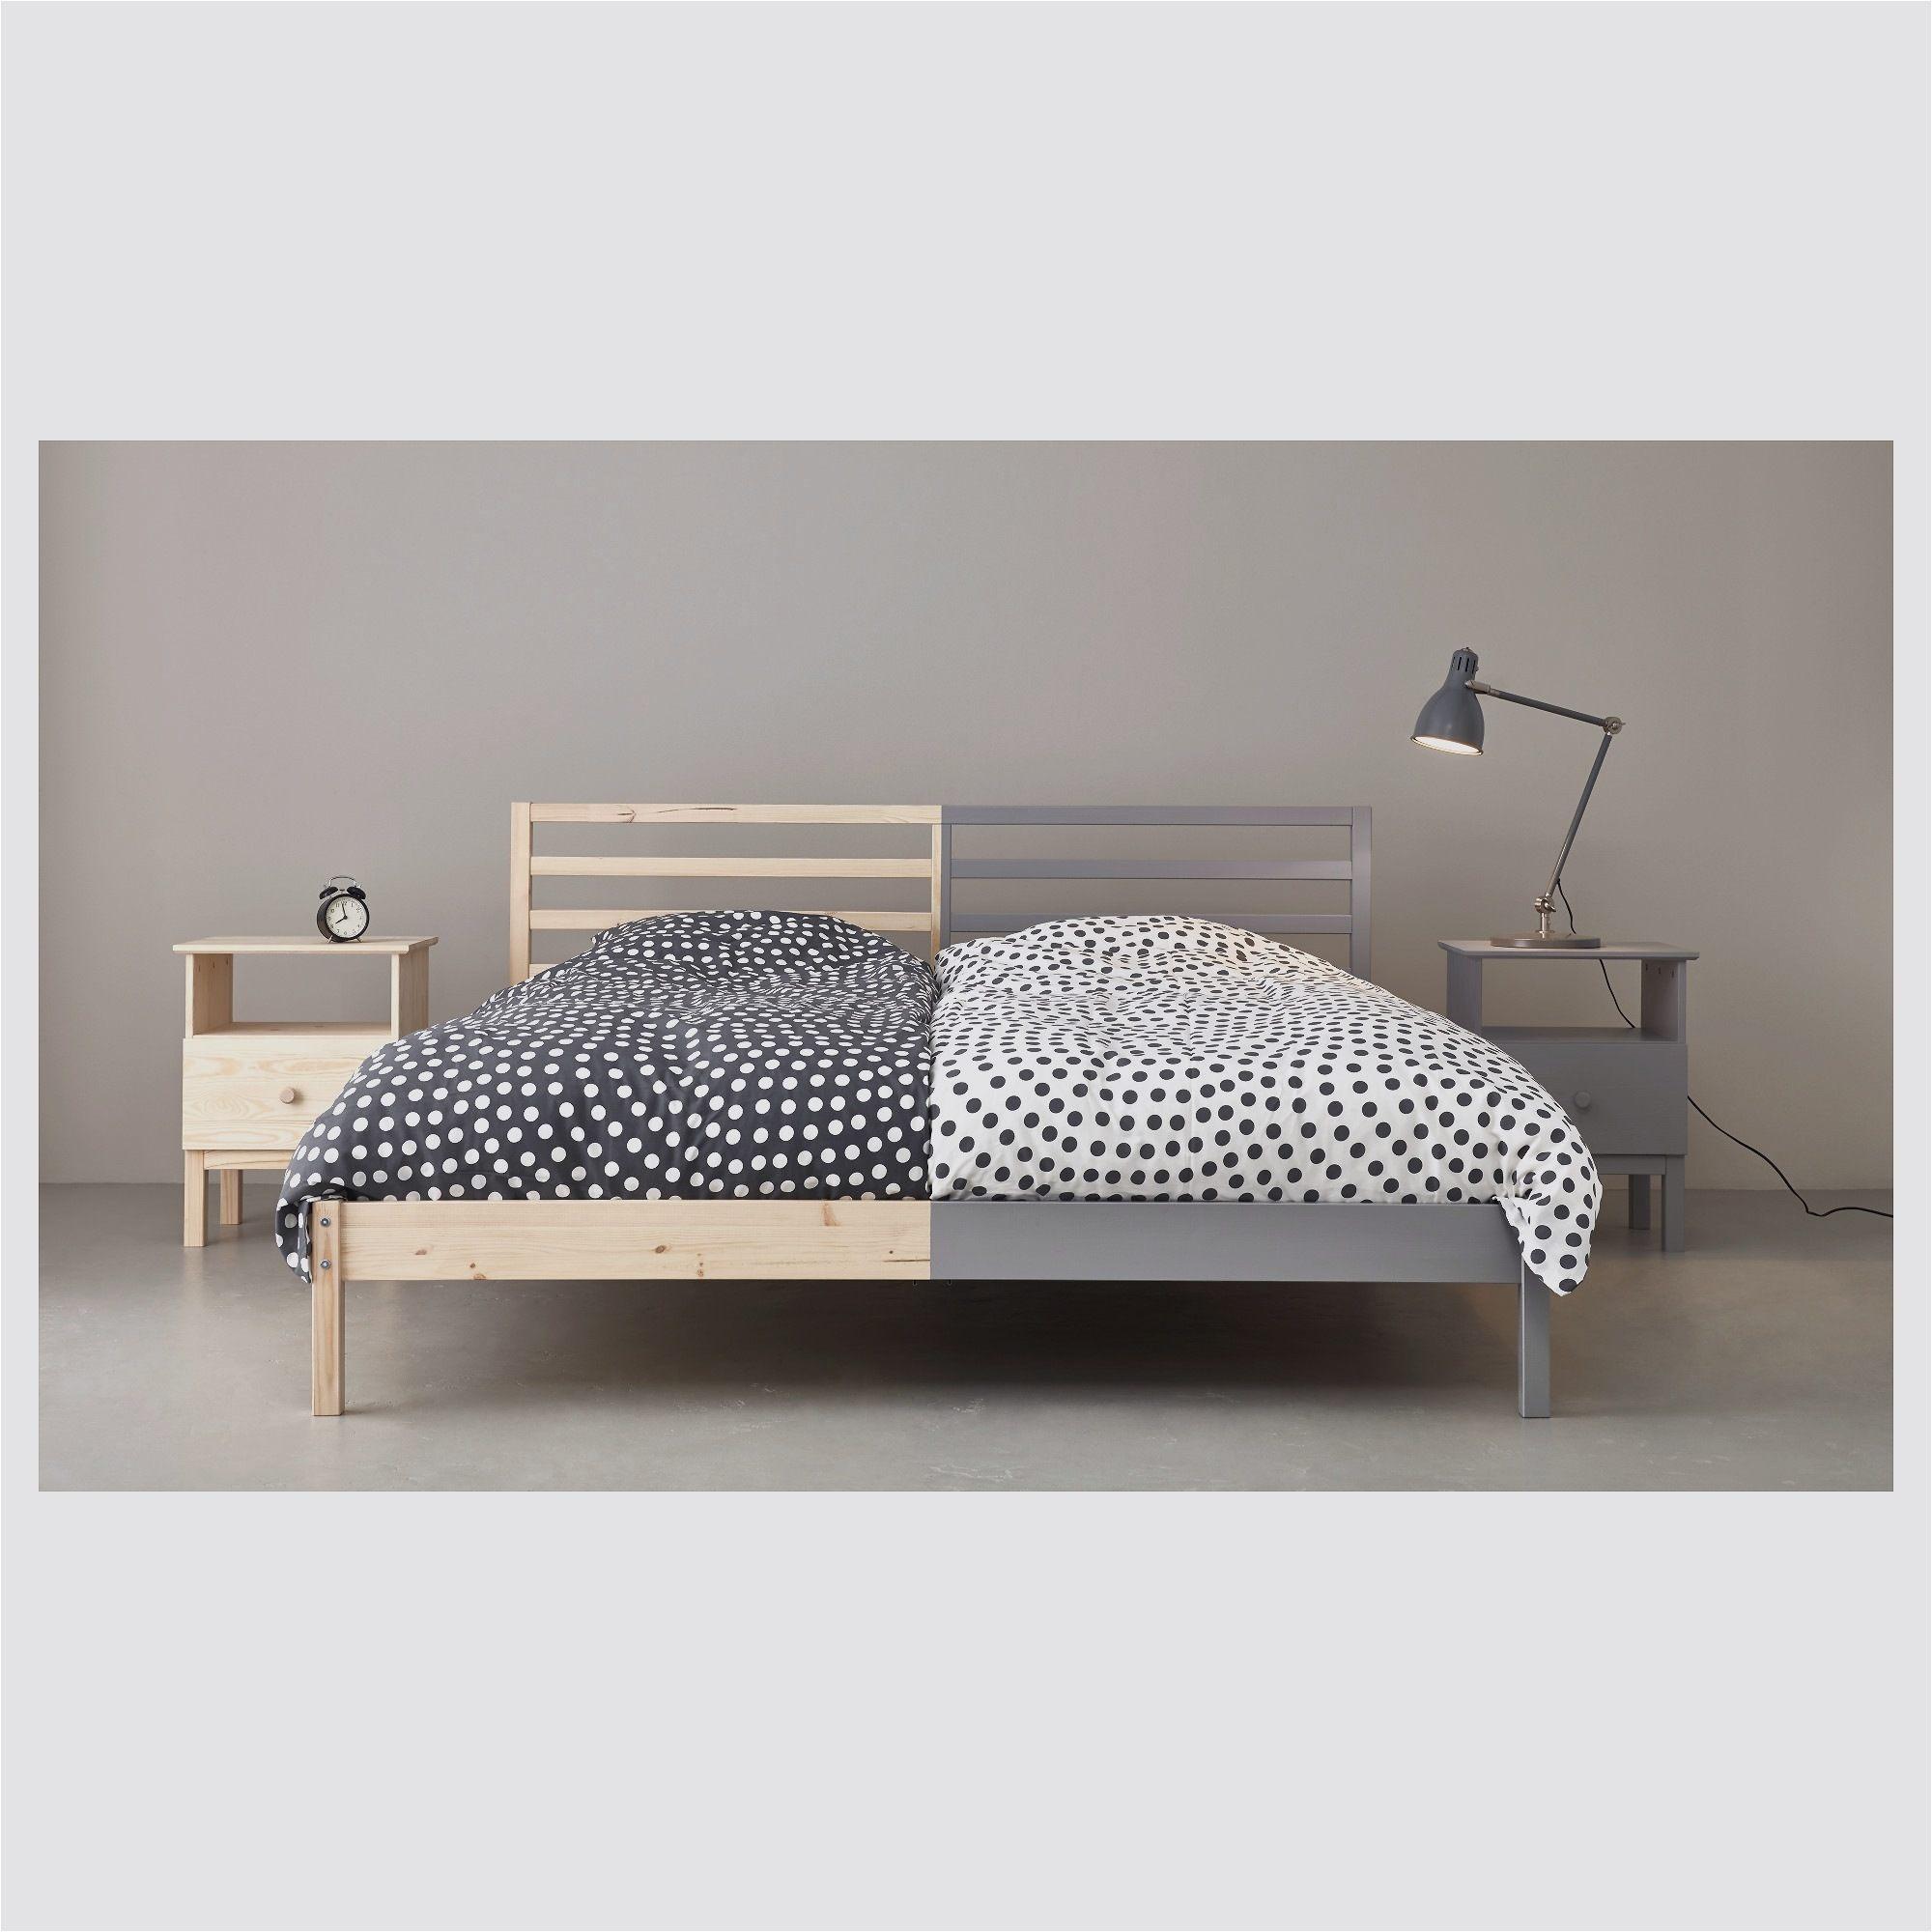 Rangement sous Le Lit Luxe Rangement Dessous De Lit élégant Passionné Ikea Rangement sous Lit